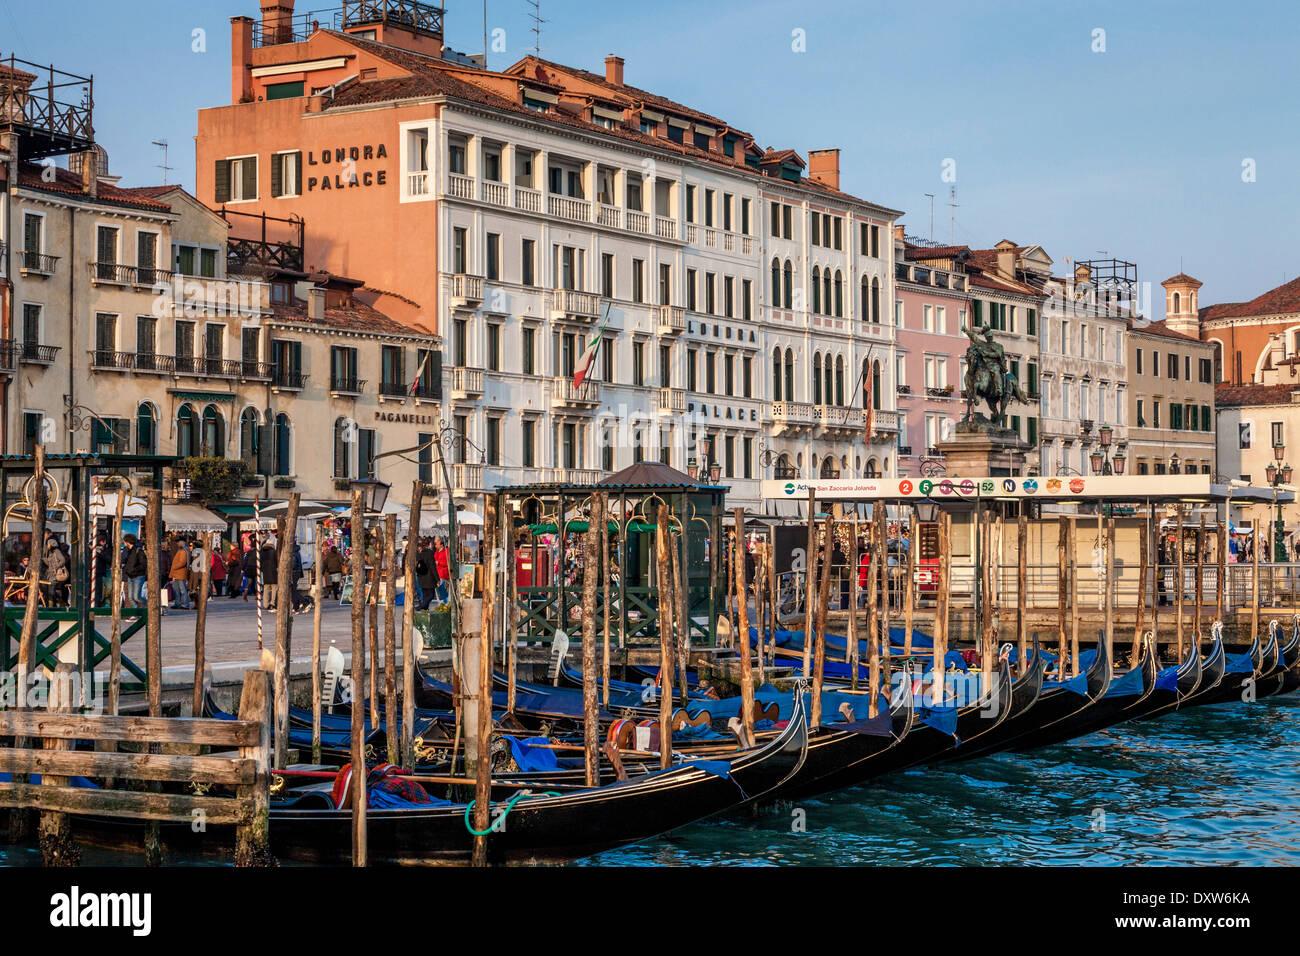 Londra Palace Hotel Venezia